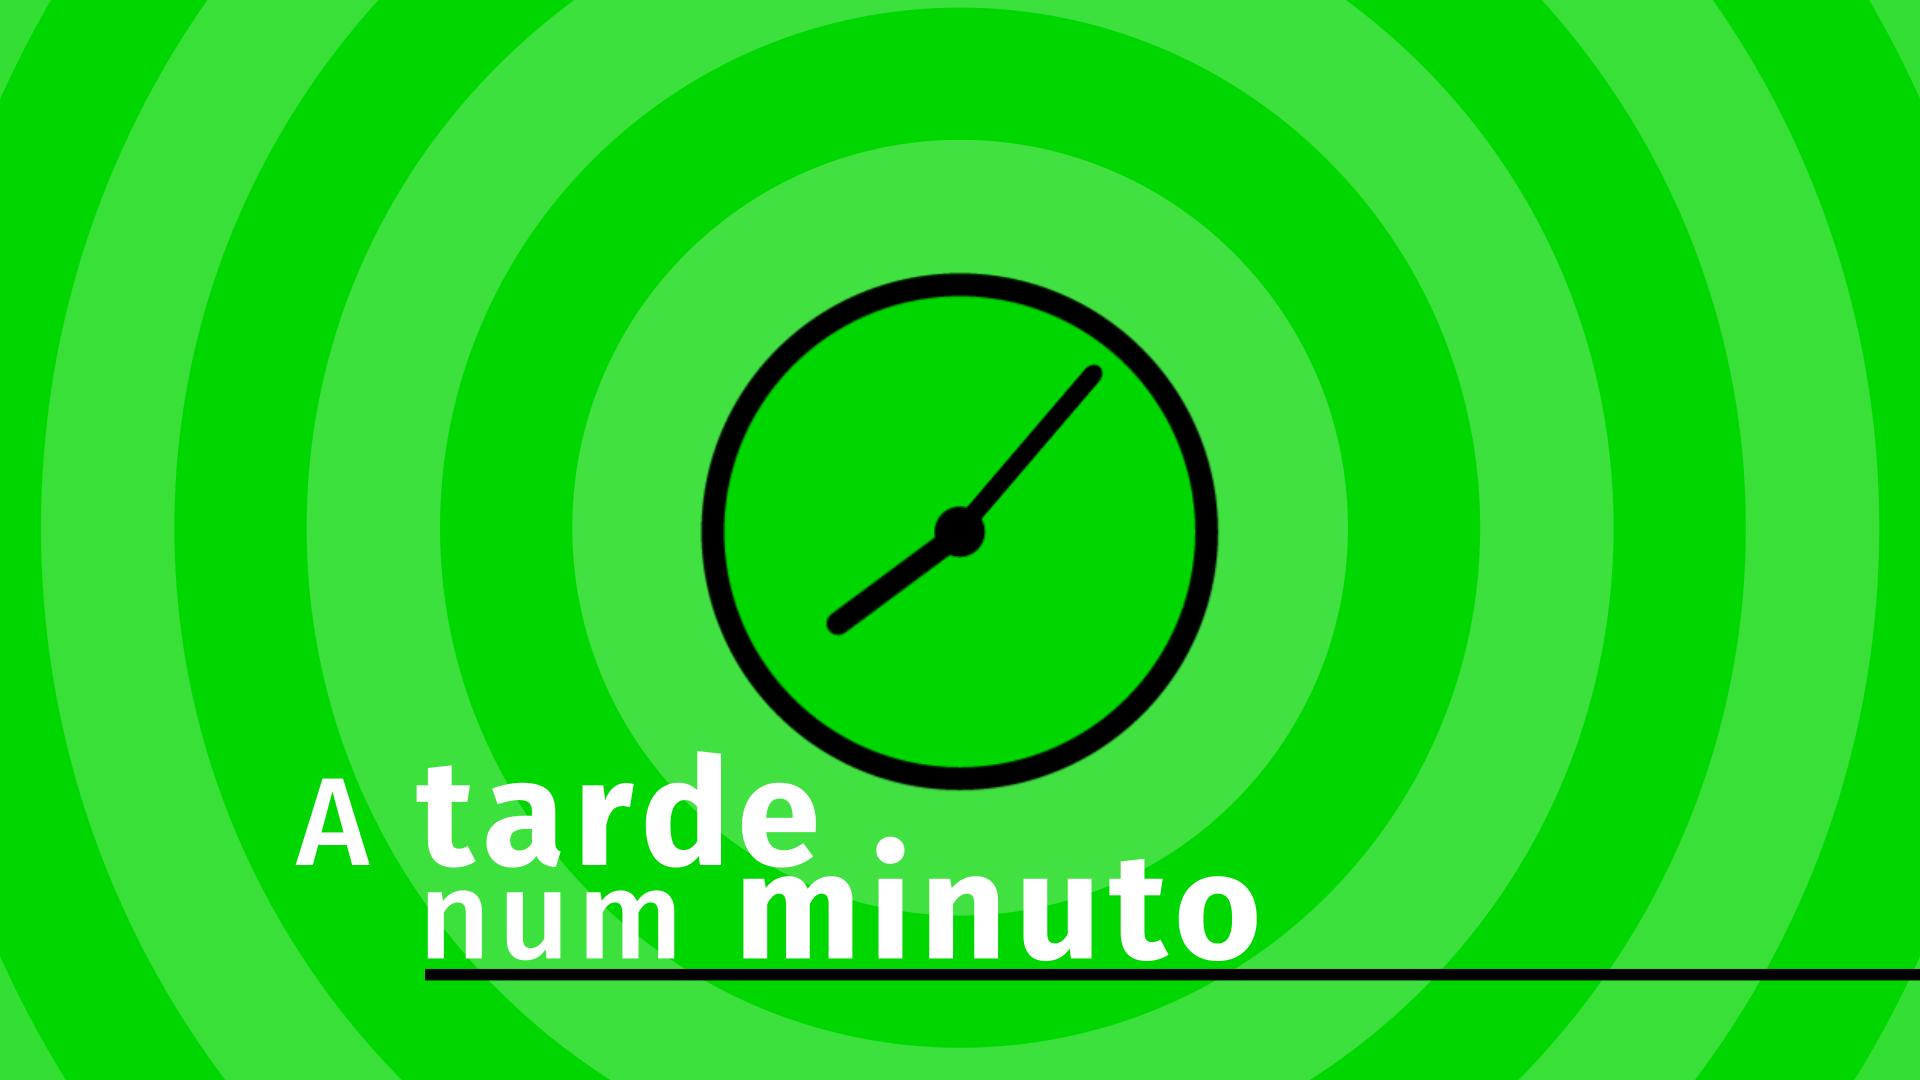 A tarde num minuto